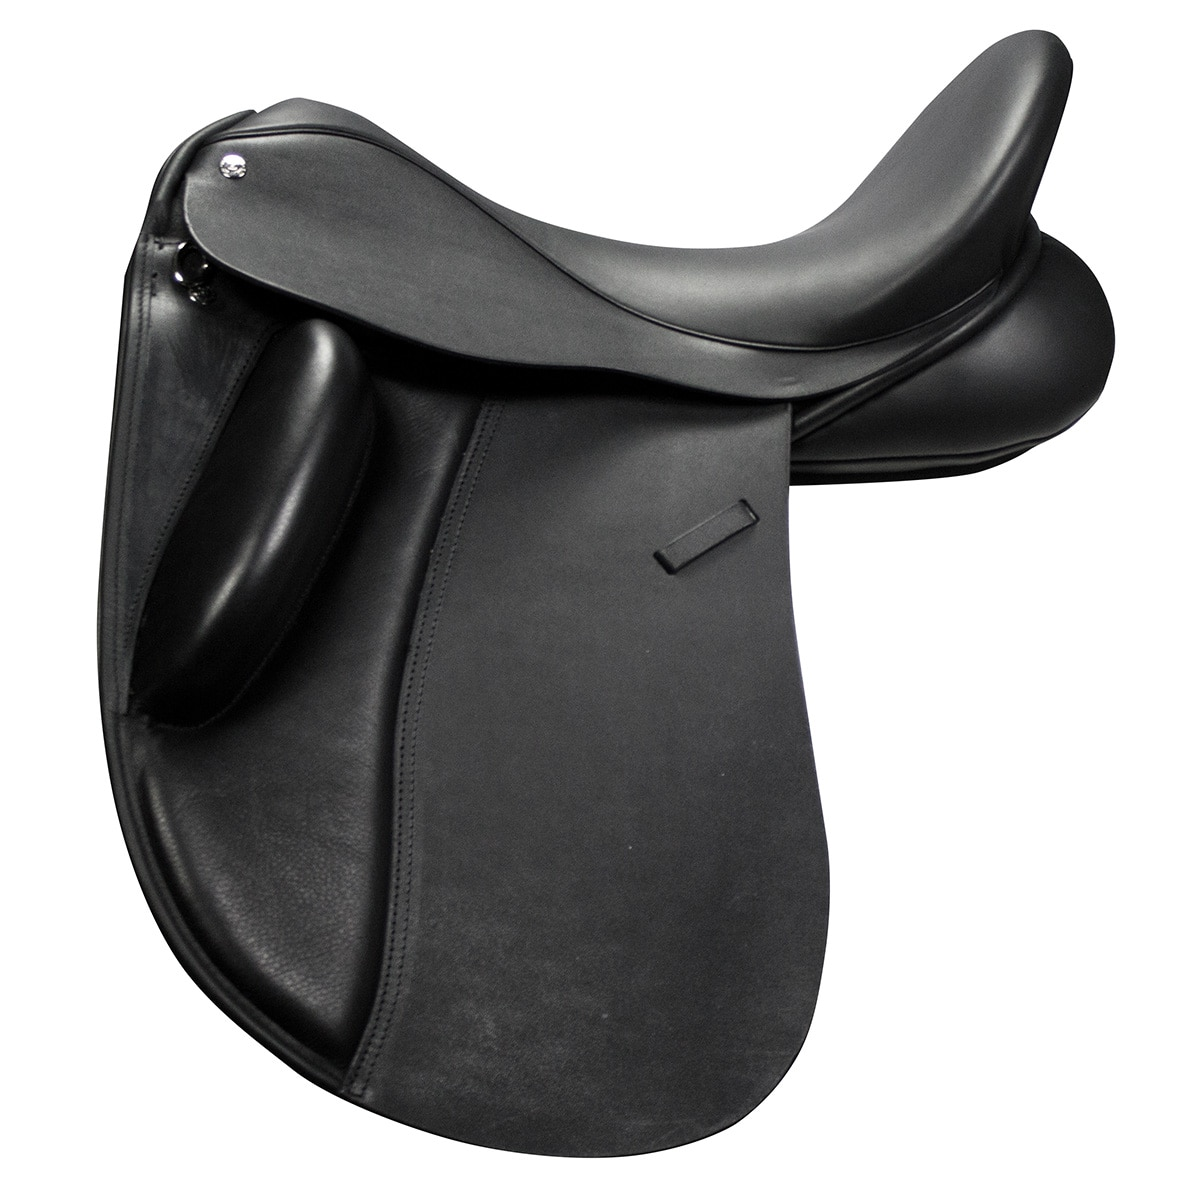 Used Test Ride Custom Saddlery Signature Wolfgang Solo Dressage Saddle